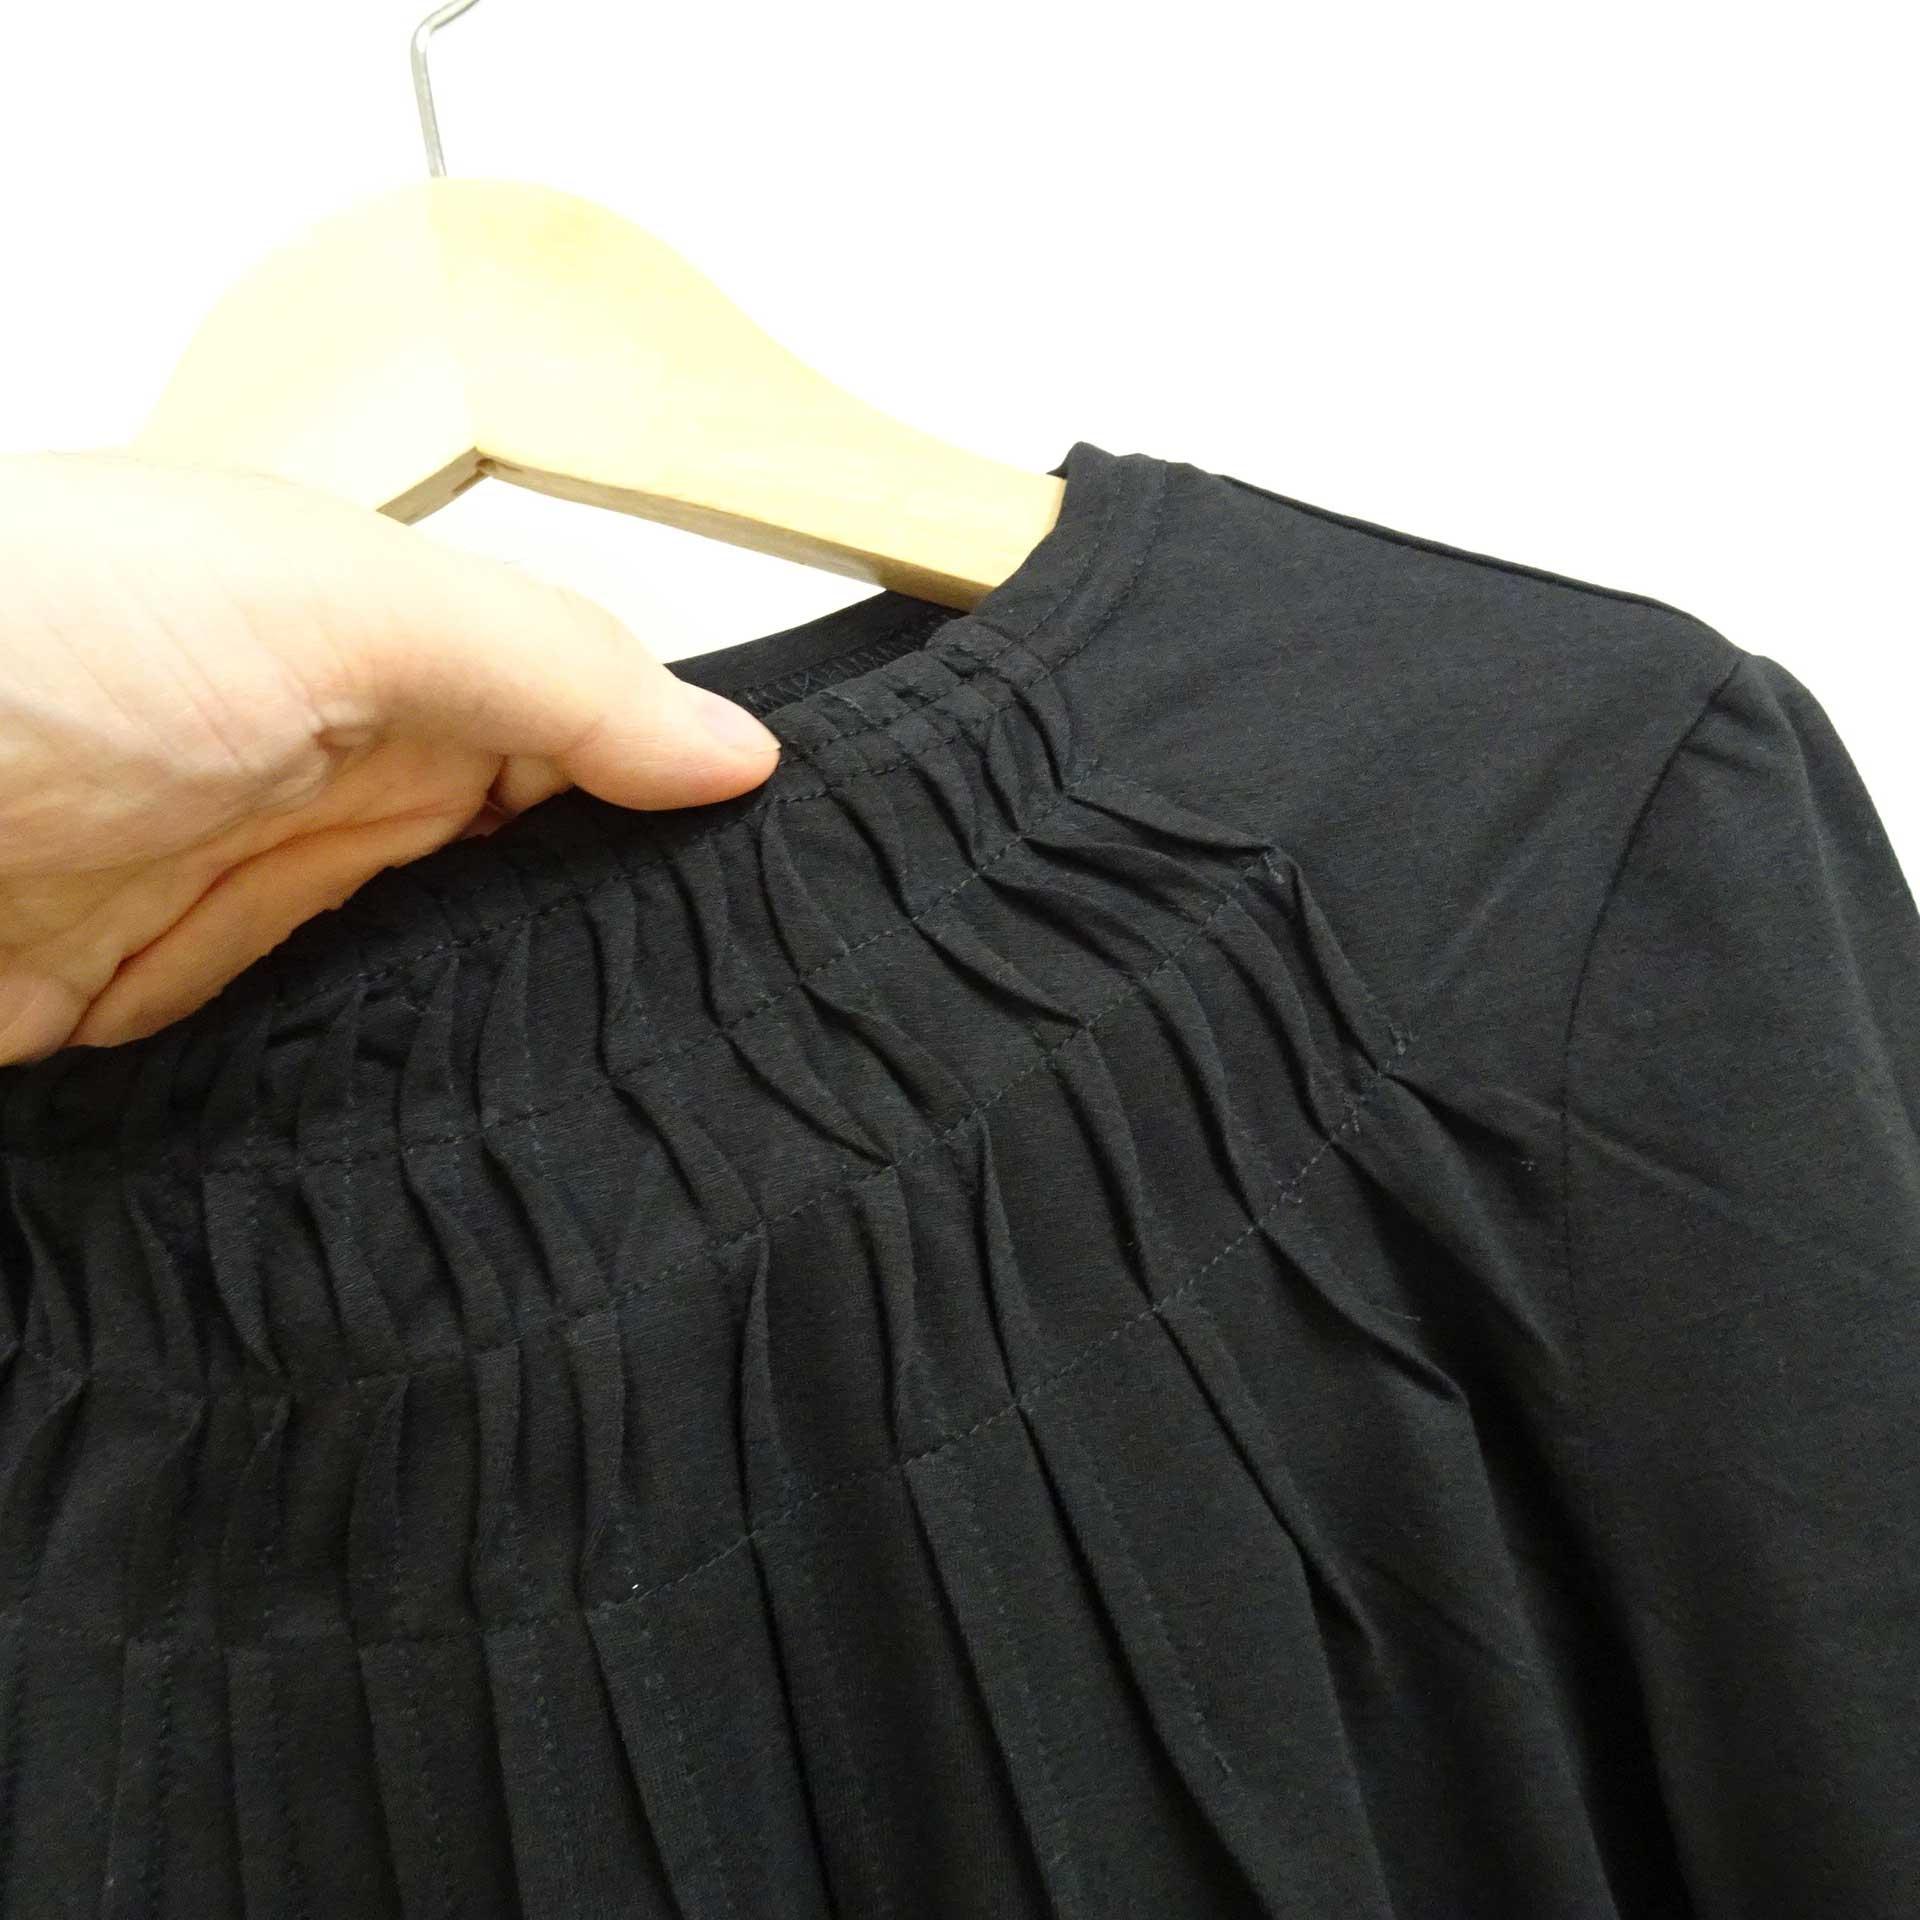 デコルテにタックの入った半袖カットソー黒